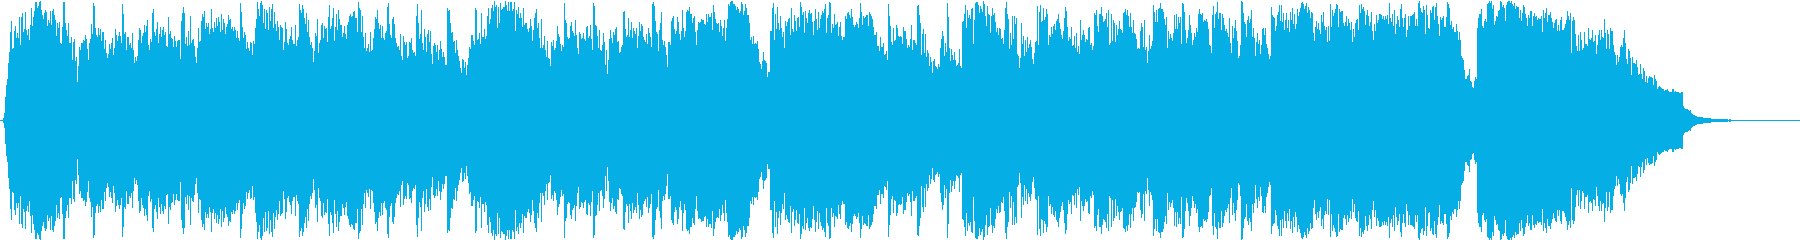 疾走感・期待感のBGMの再生済みの波形